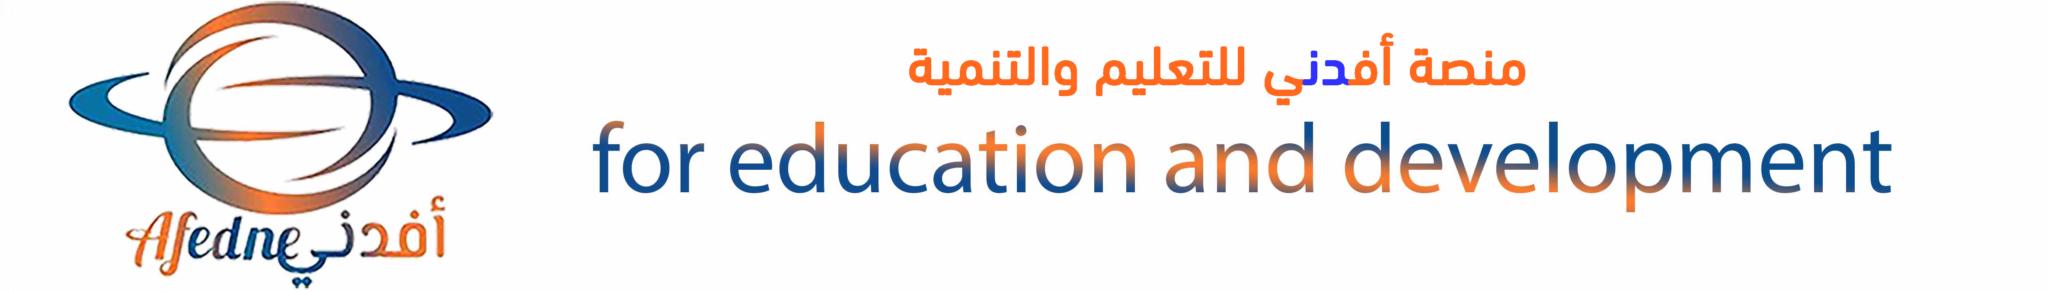 منصة أفدني .. للتعليم والتنمية